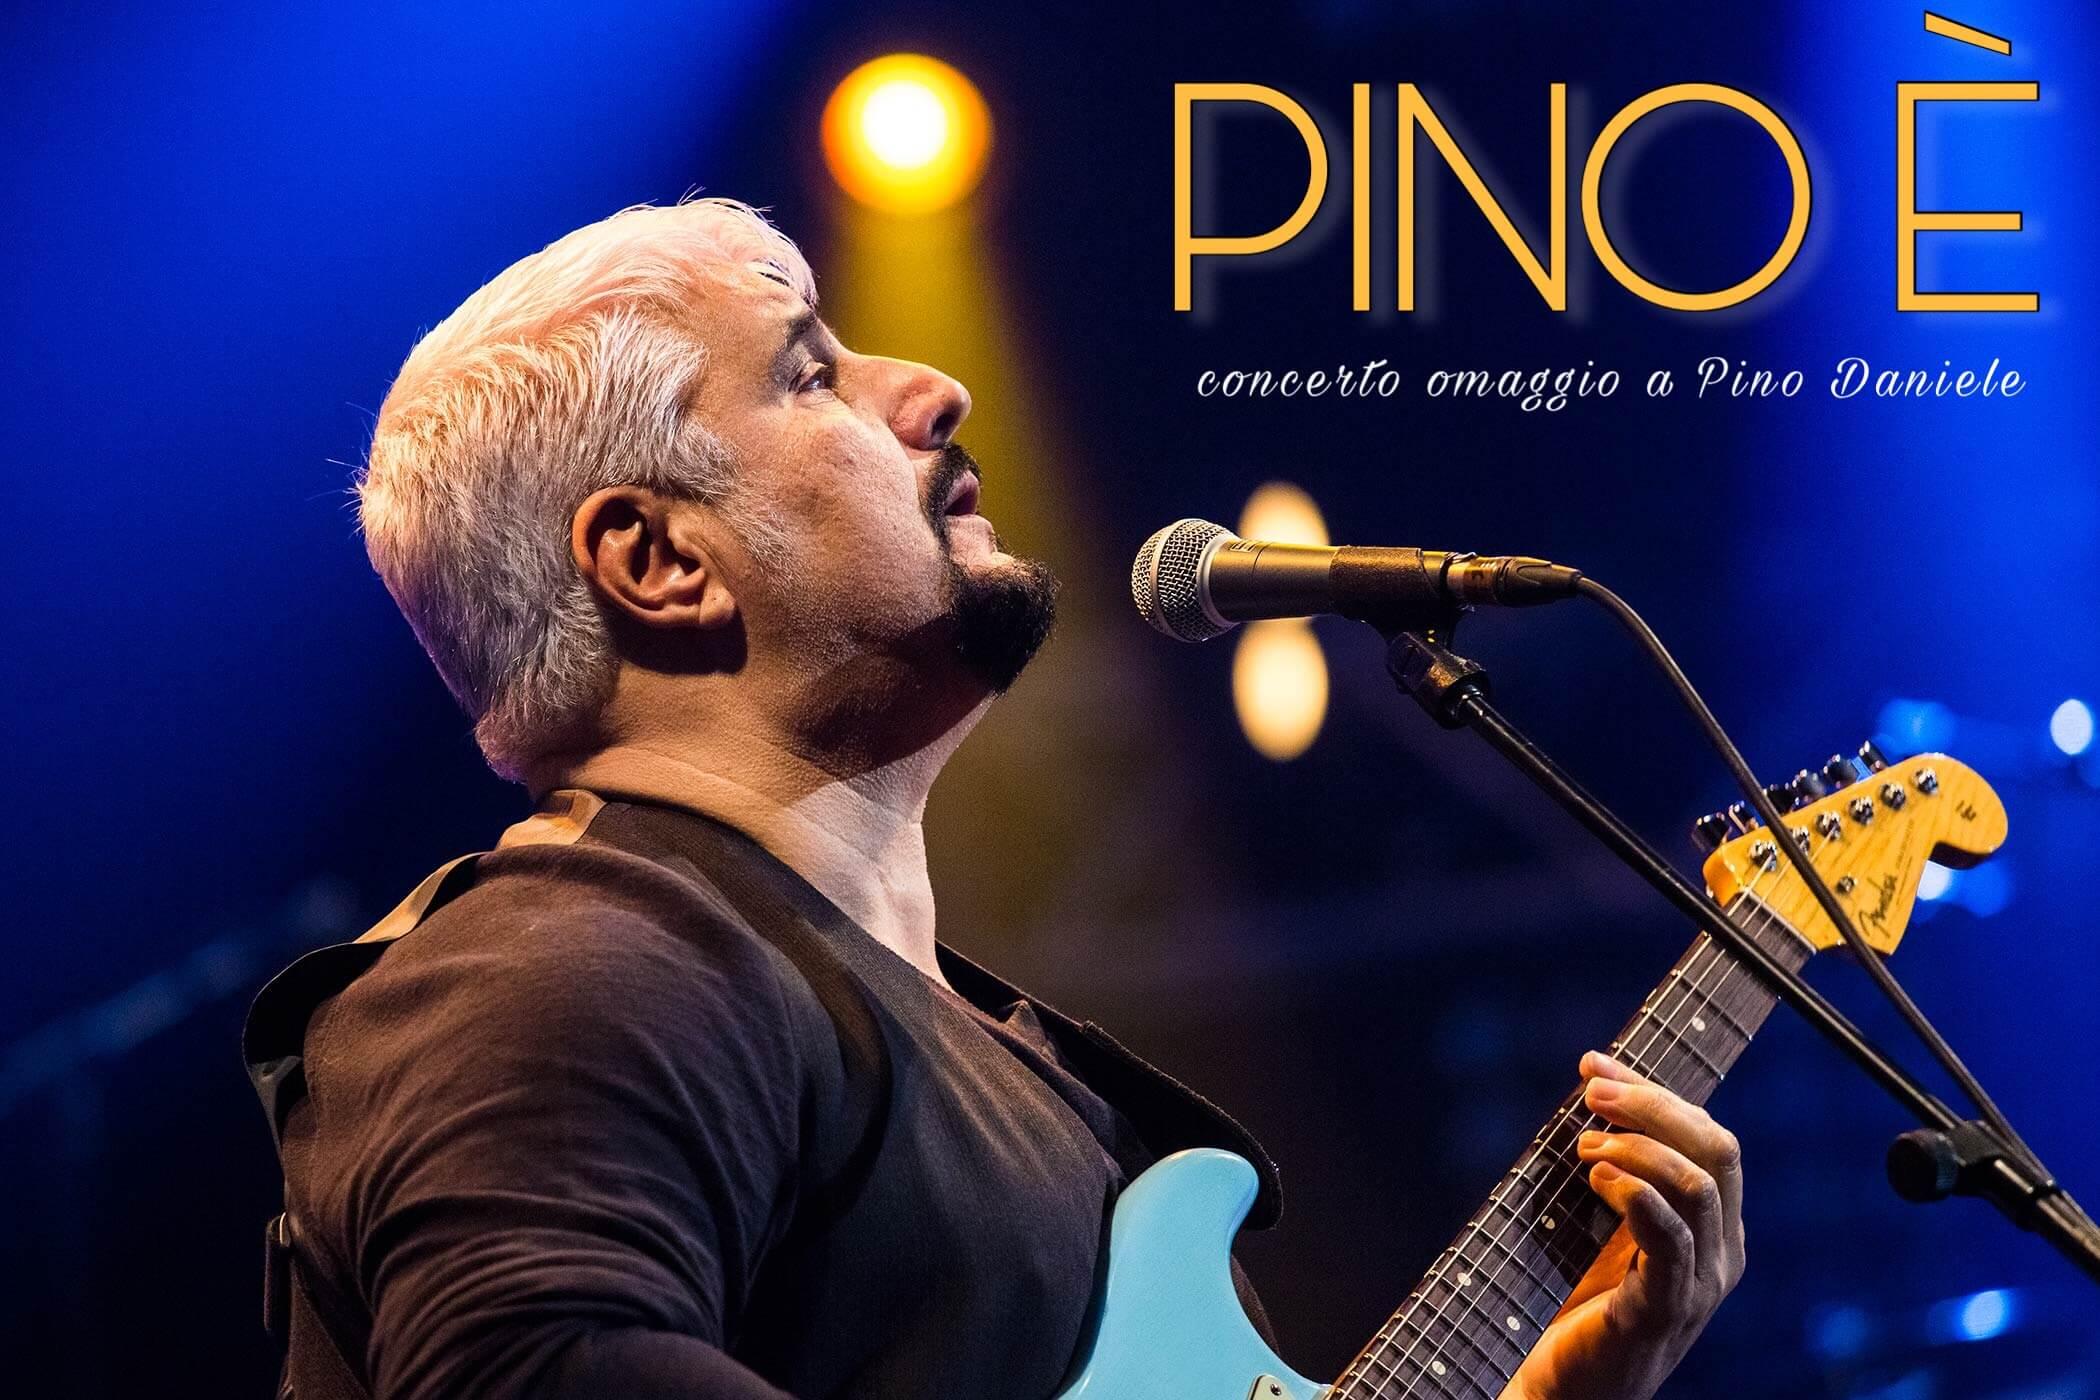 concerto omaggio a Pino Daniele